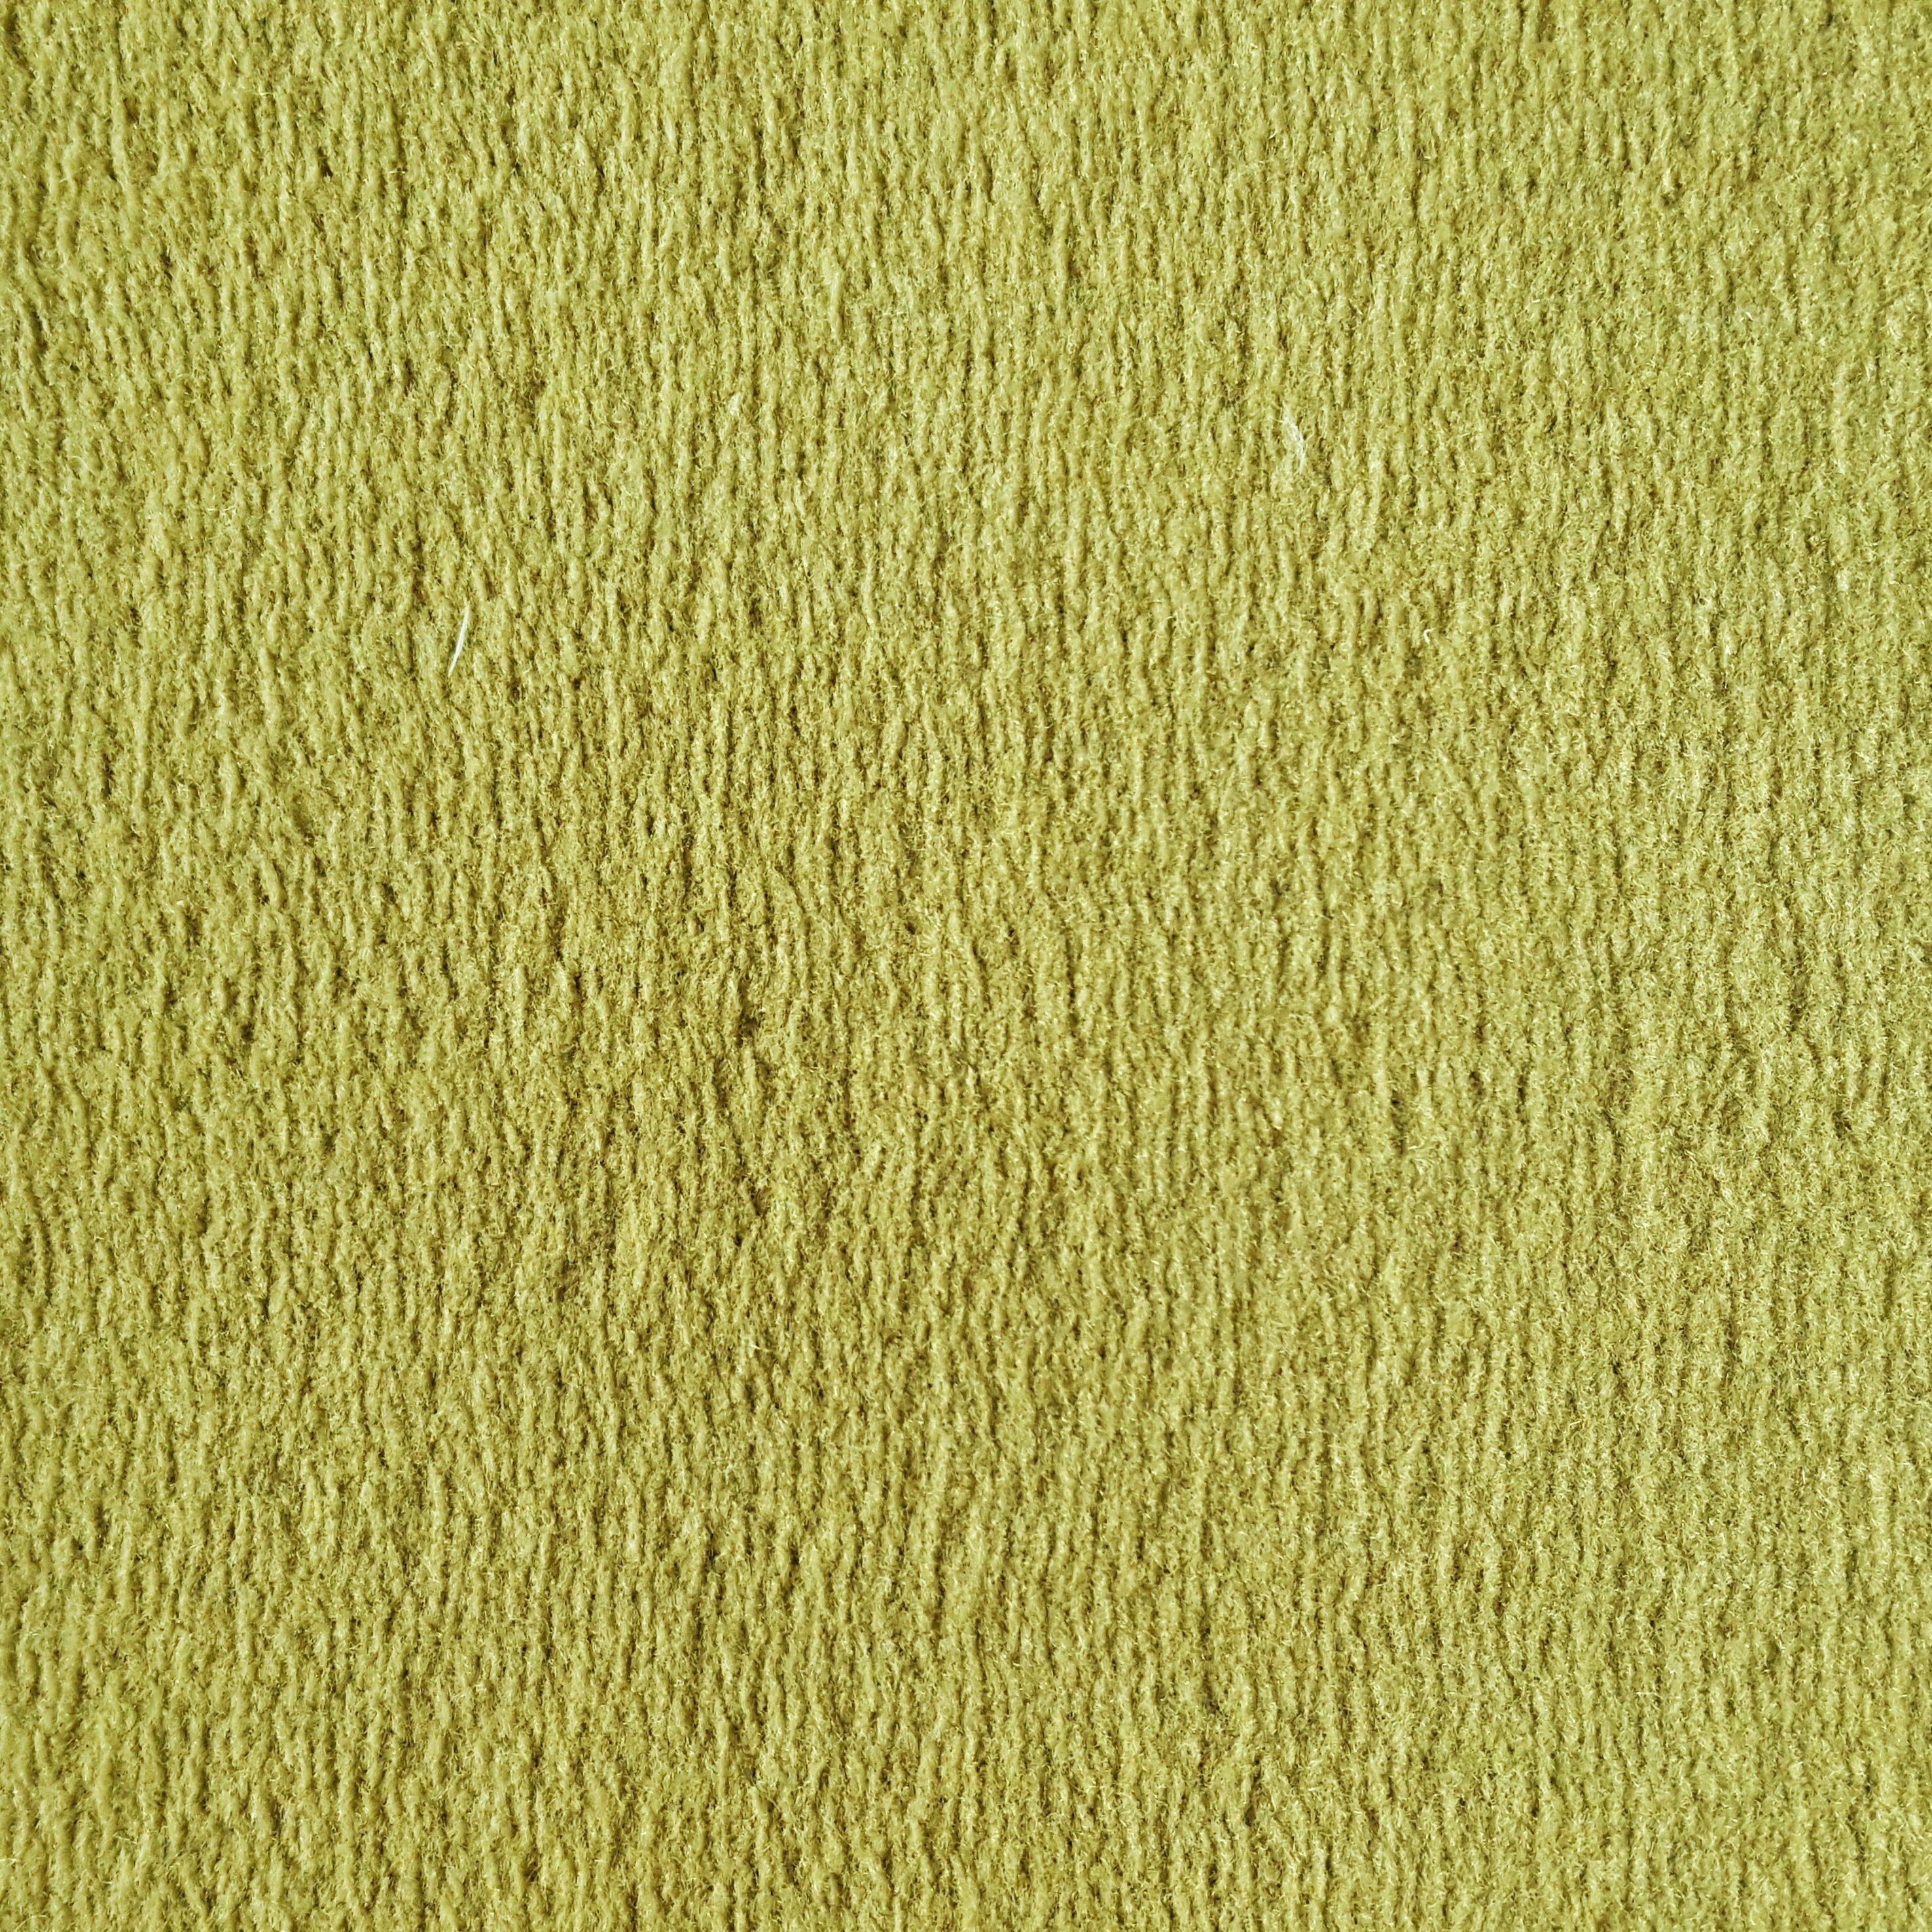 ANDIAMO Teppichboden »Oliveto grün«, Breite 400 cm